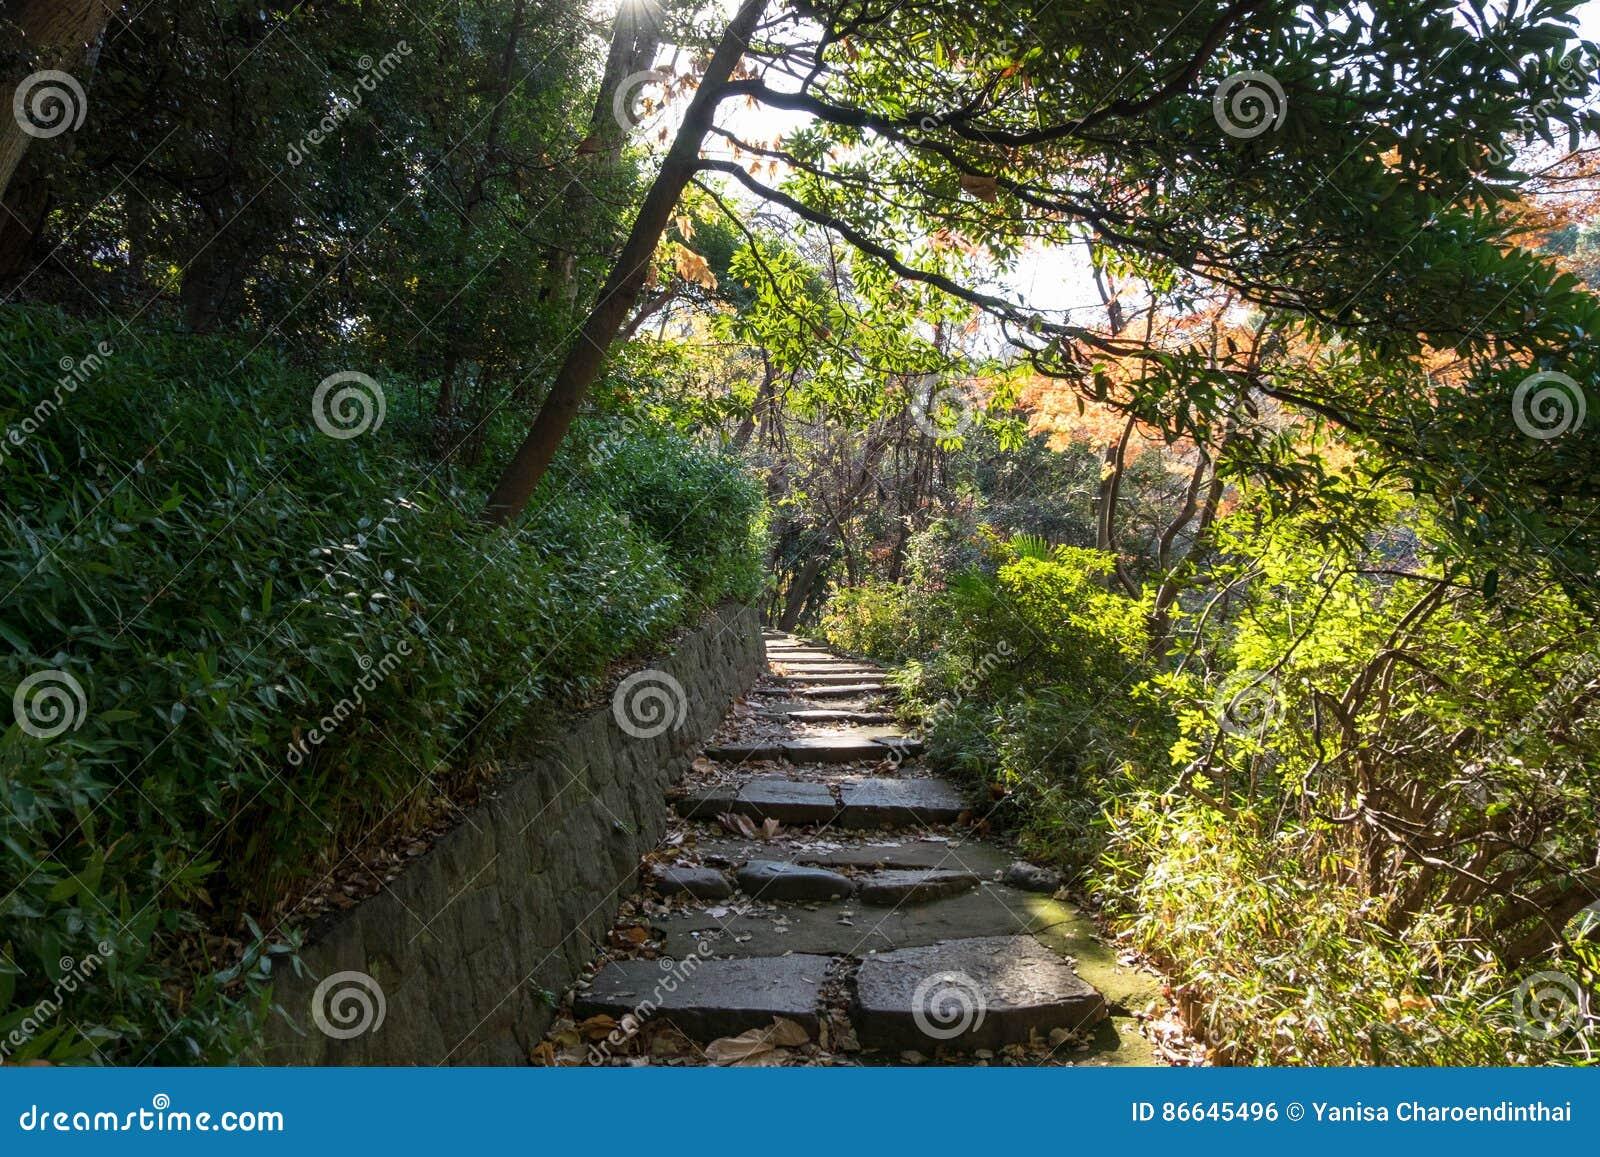 Etwas Neues genug Walkpath Und Steintreppe Im Garten Stockfoto - Bild von kühl, pfad &PA_59